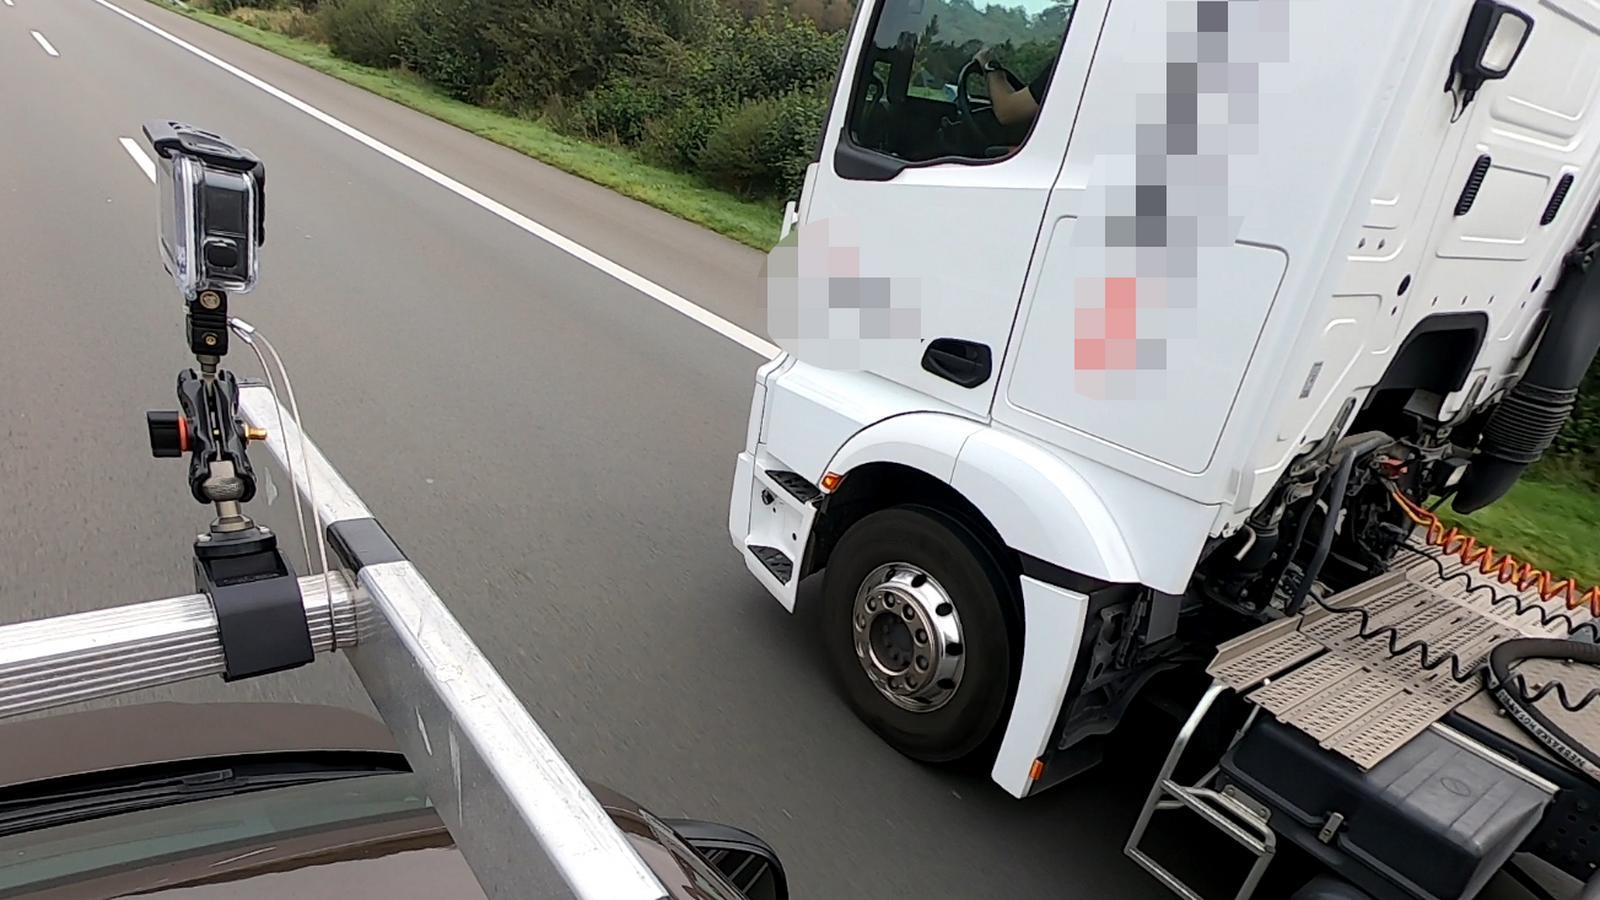 Niemiecka policja ma nowy sposób kontroli kierowców. Złapali już niemal 100 osób